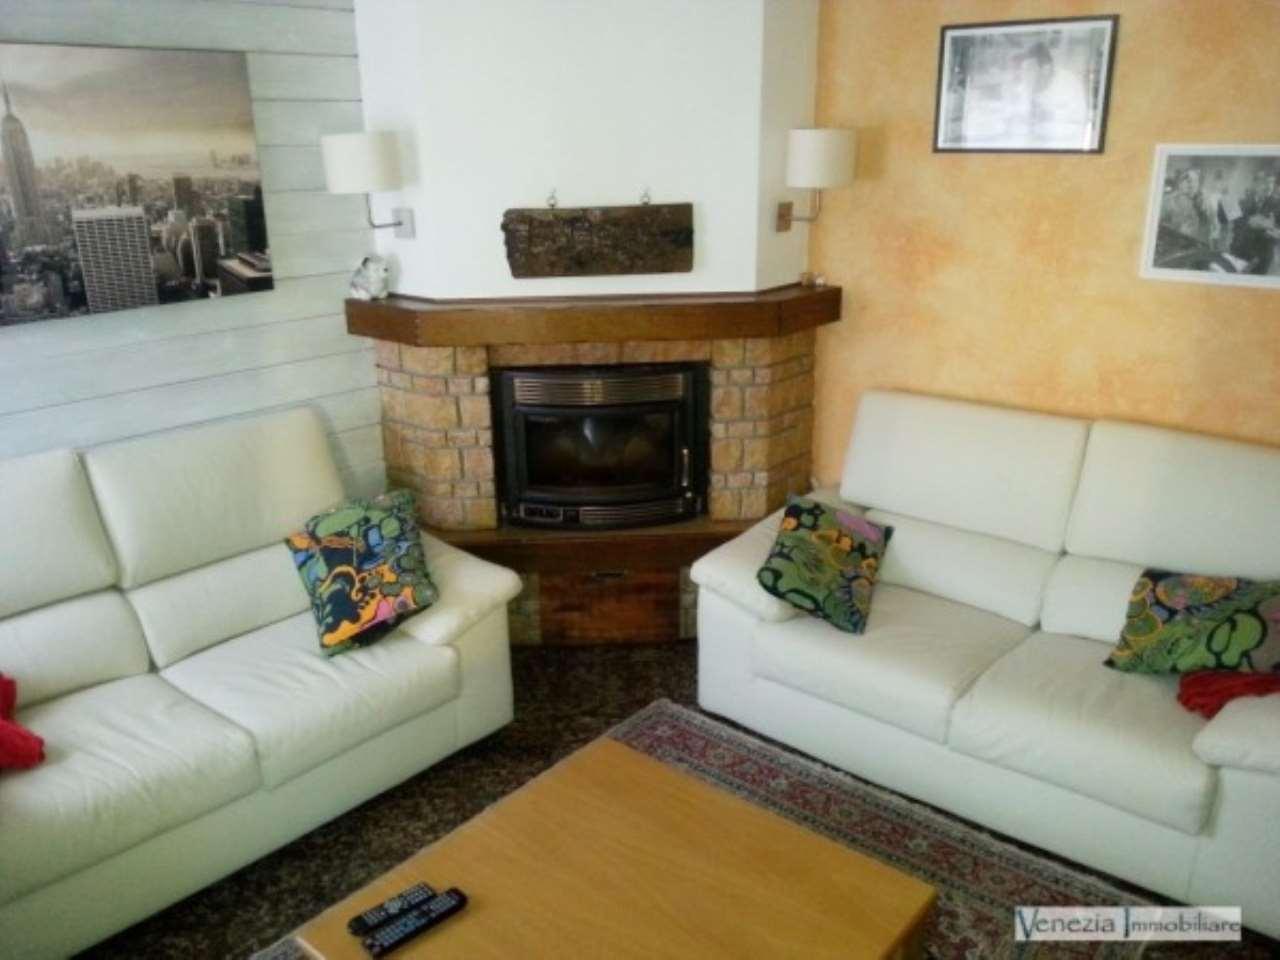 Attico / Mansarda in vendita a Chioggia, 4 locali, prezzo € 198.000 | CambioCasa.it